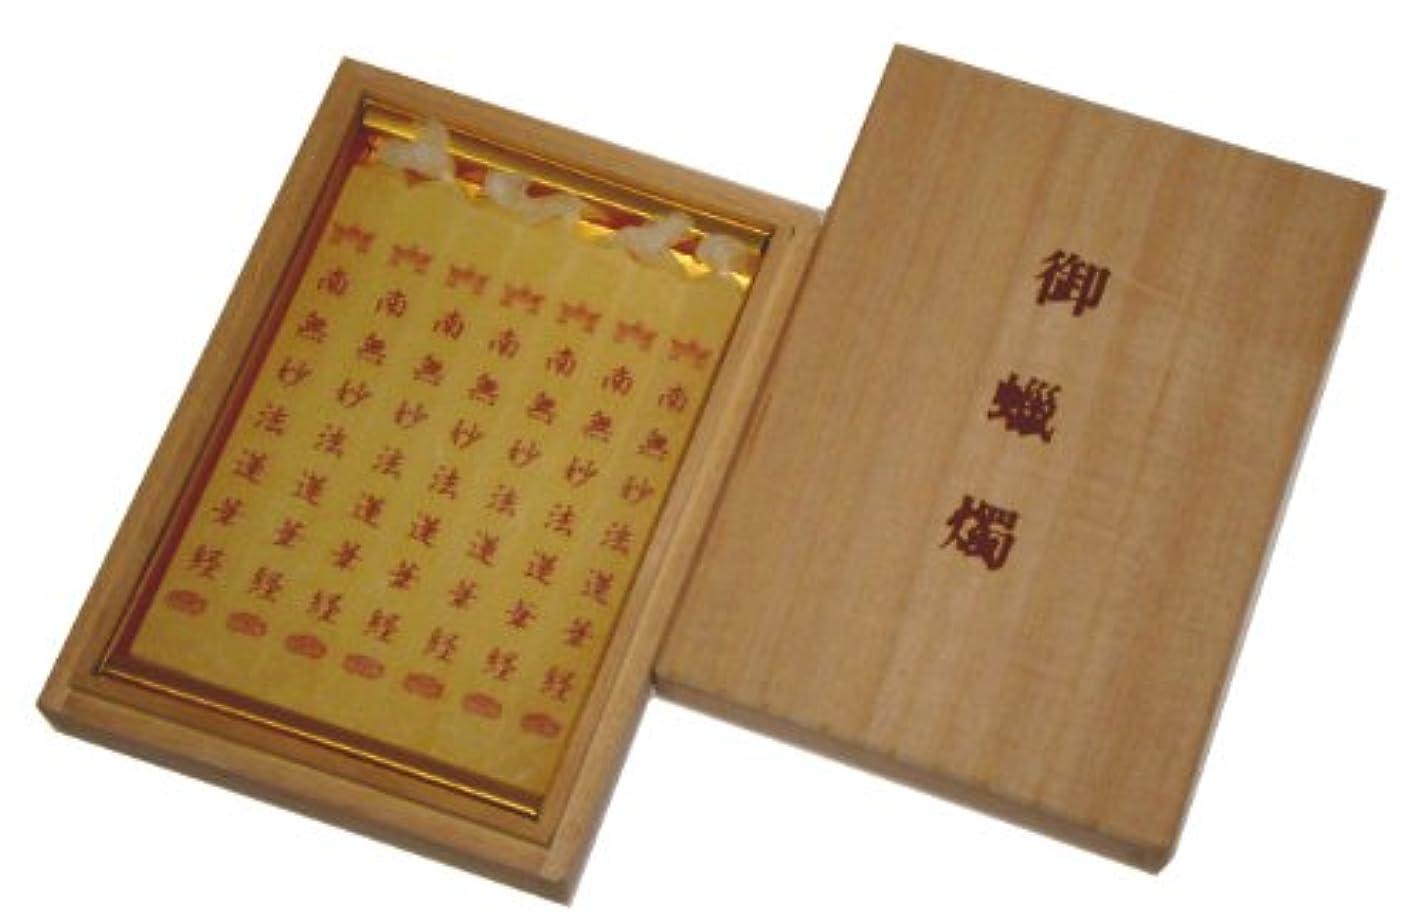 矩形適用済み揃える鳥居のローソク 蜜蝋夕映 法蓮 7本入 桐箱 #100722